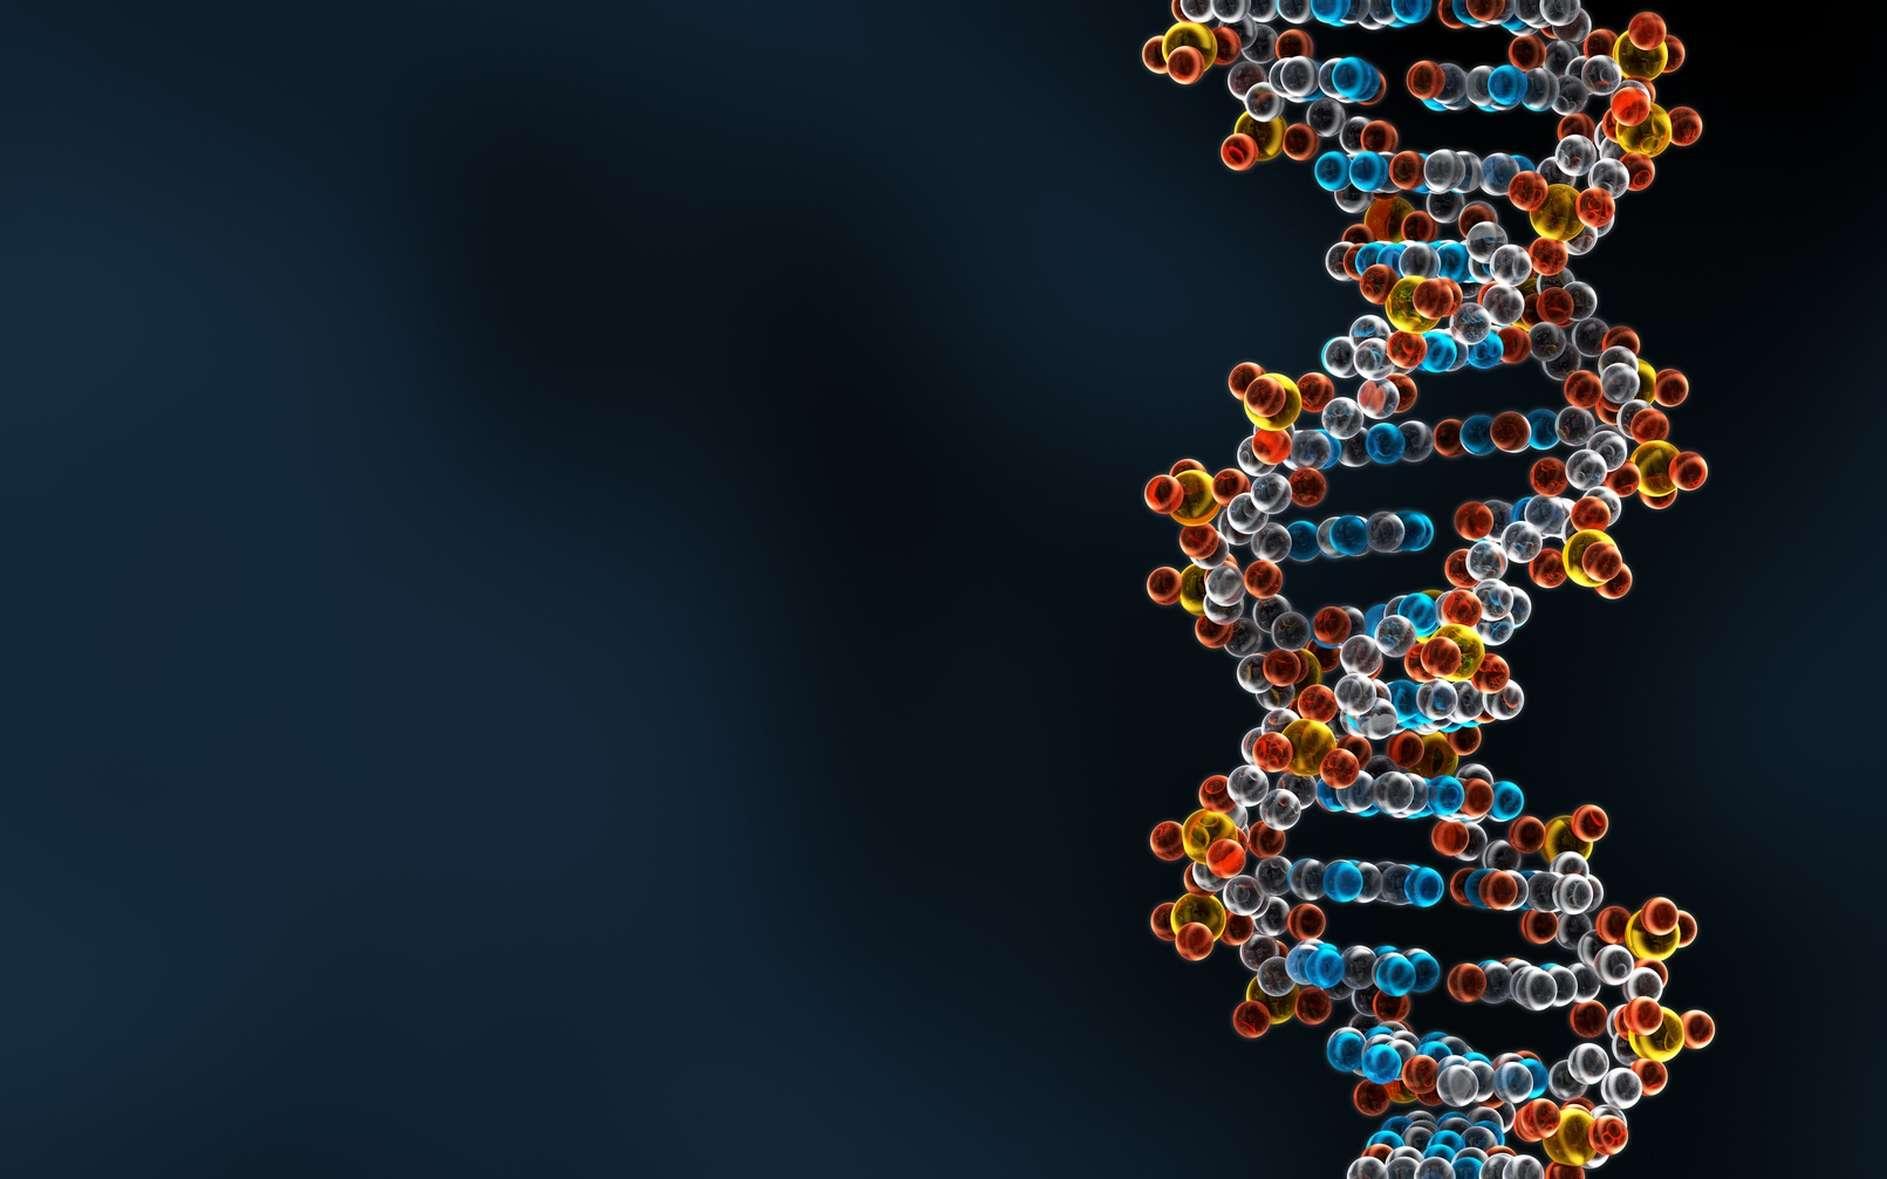 Les désoxyriboses sont présents dans les « montants » de l'échelle d'ADN, les basses appariées forment les barreaux. © Forance, Fotolia